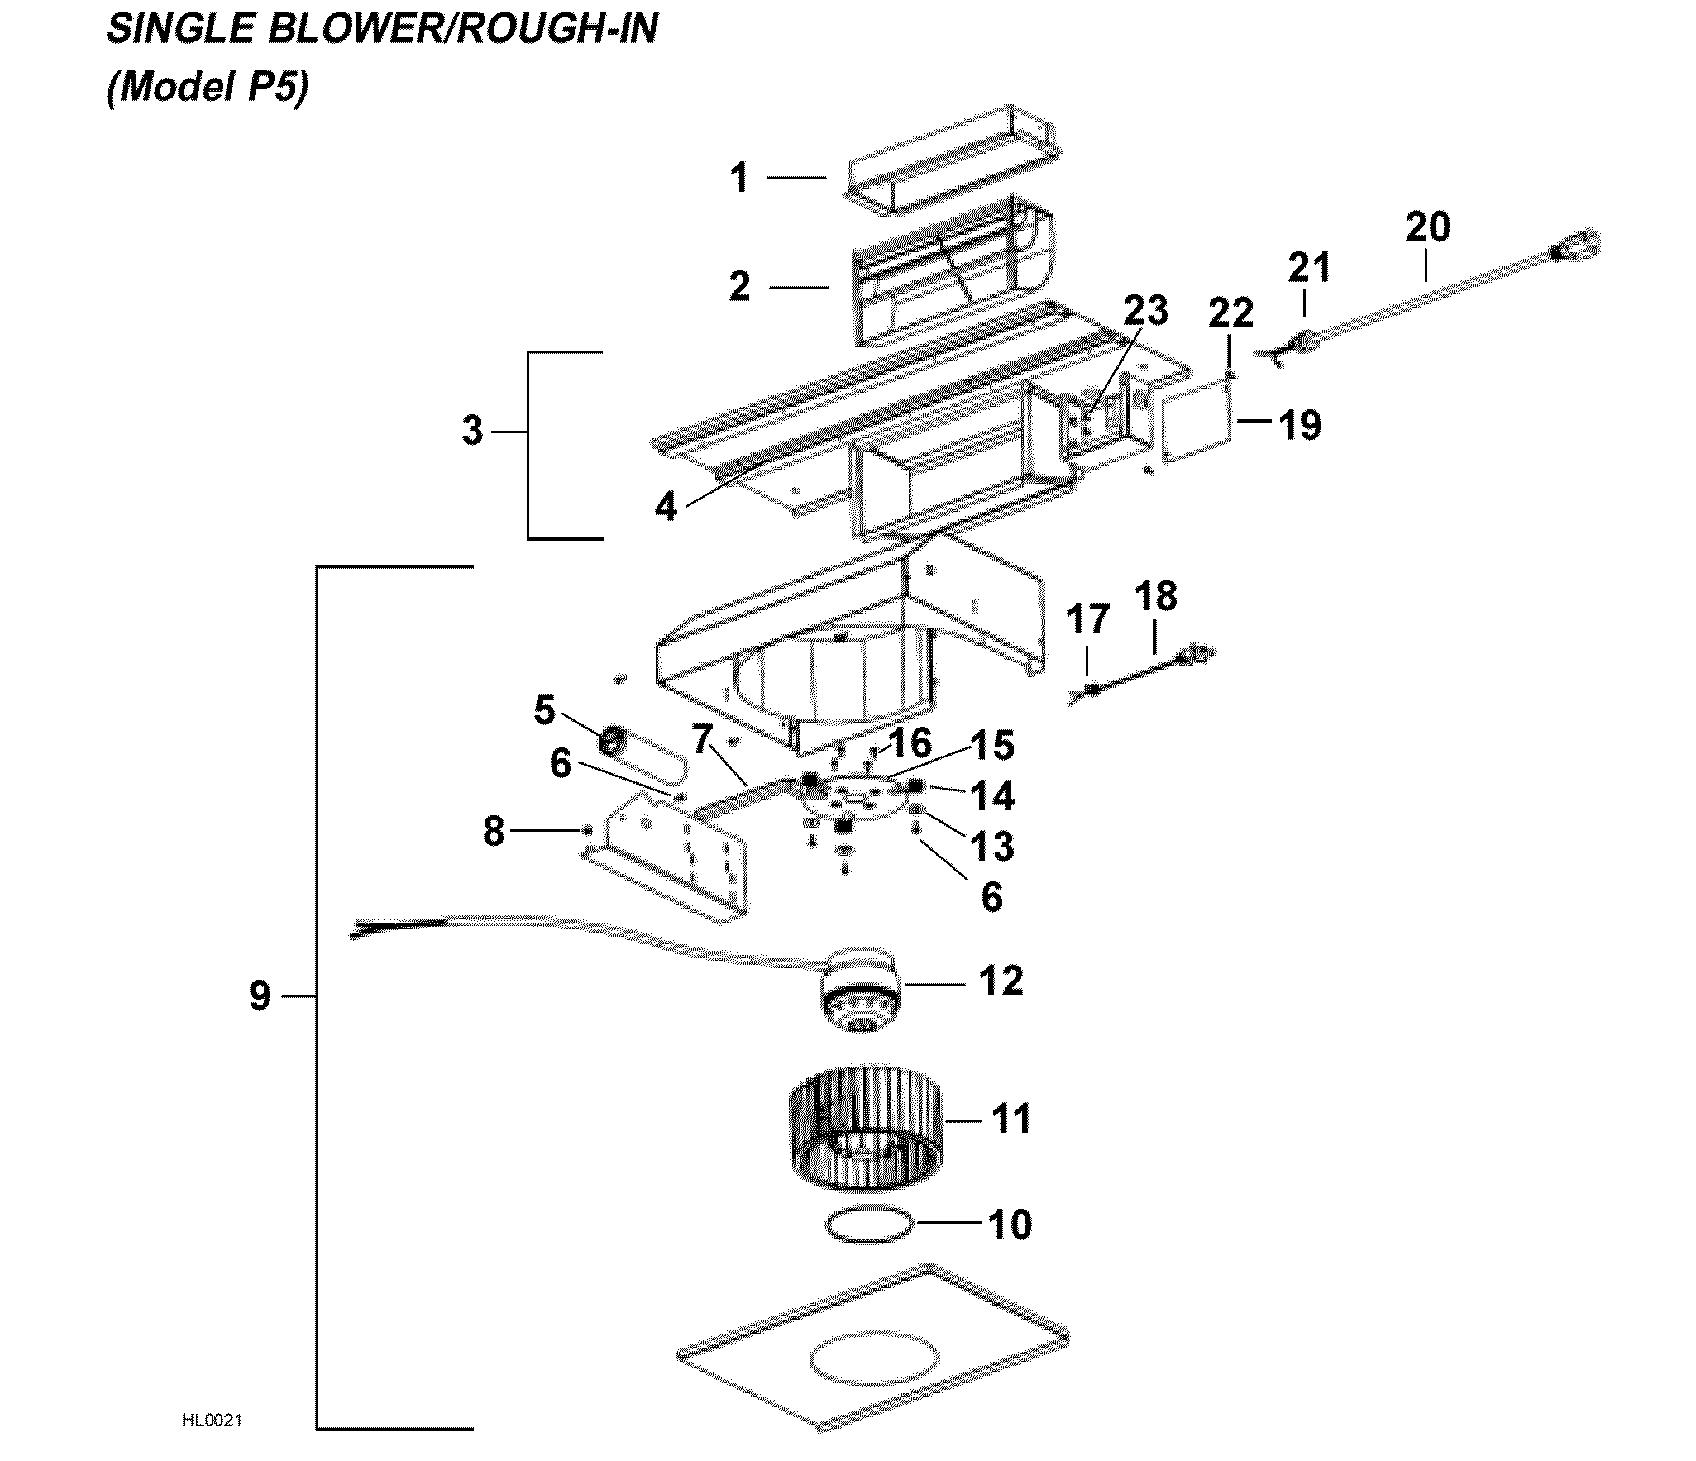 For A Bathroom Fan Broan 678 Wiring Diagram Bathroom